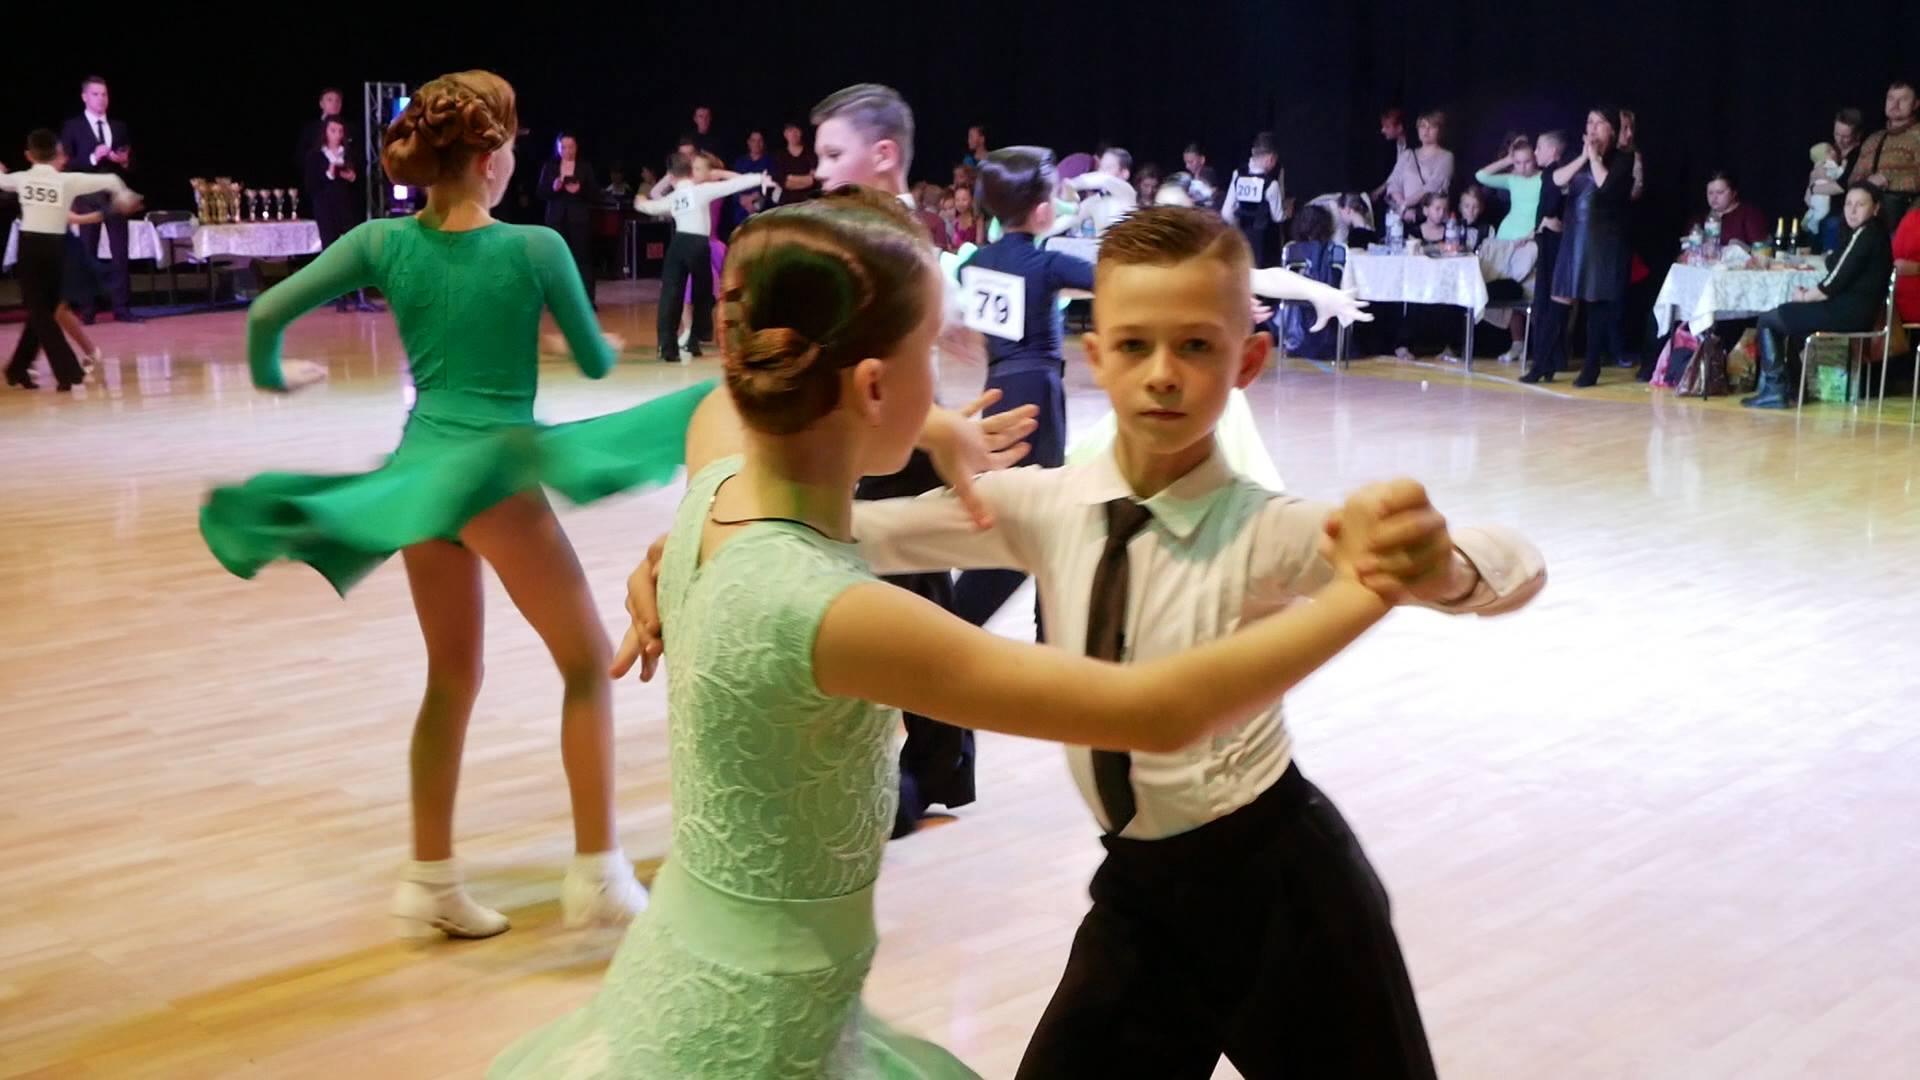 Змагання з танцювального спорту, Біла Церква. Фото